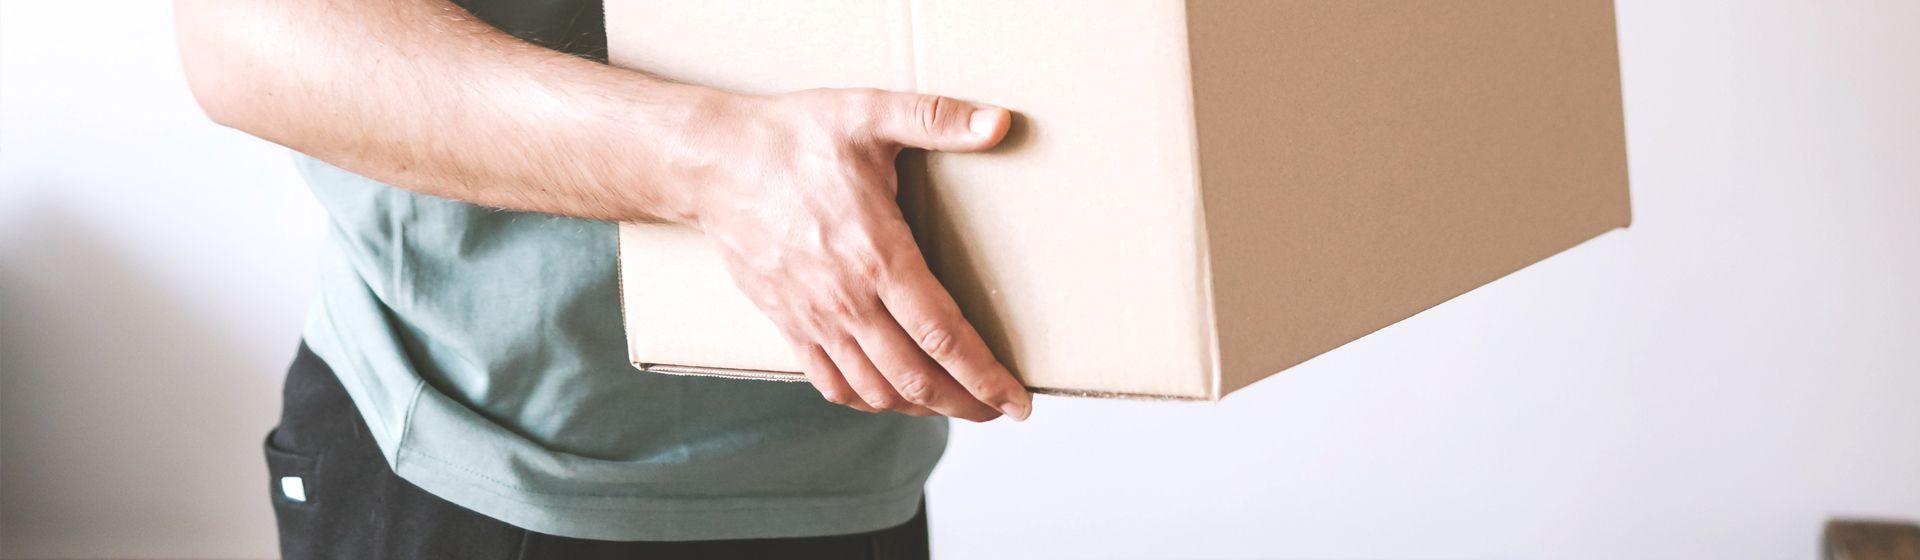 Abstellgenehmigung für Pakete